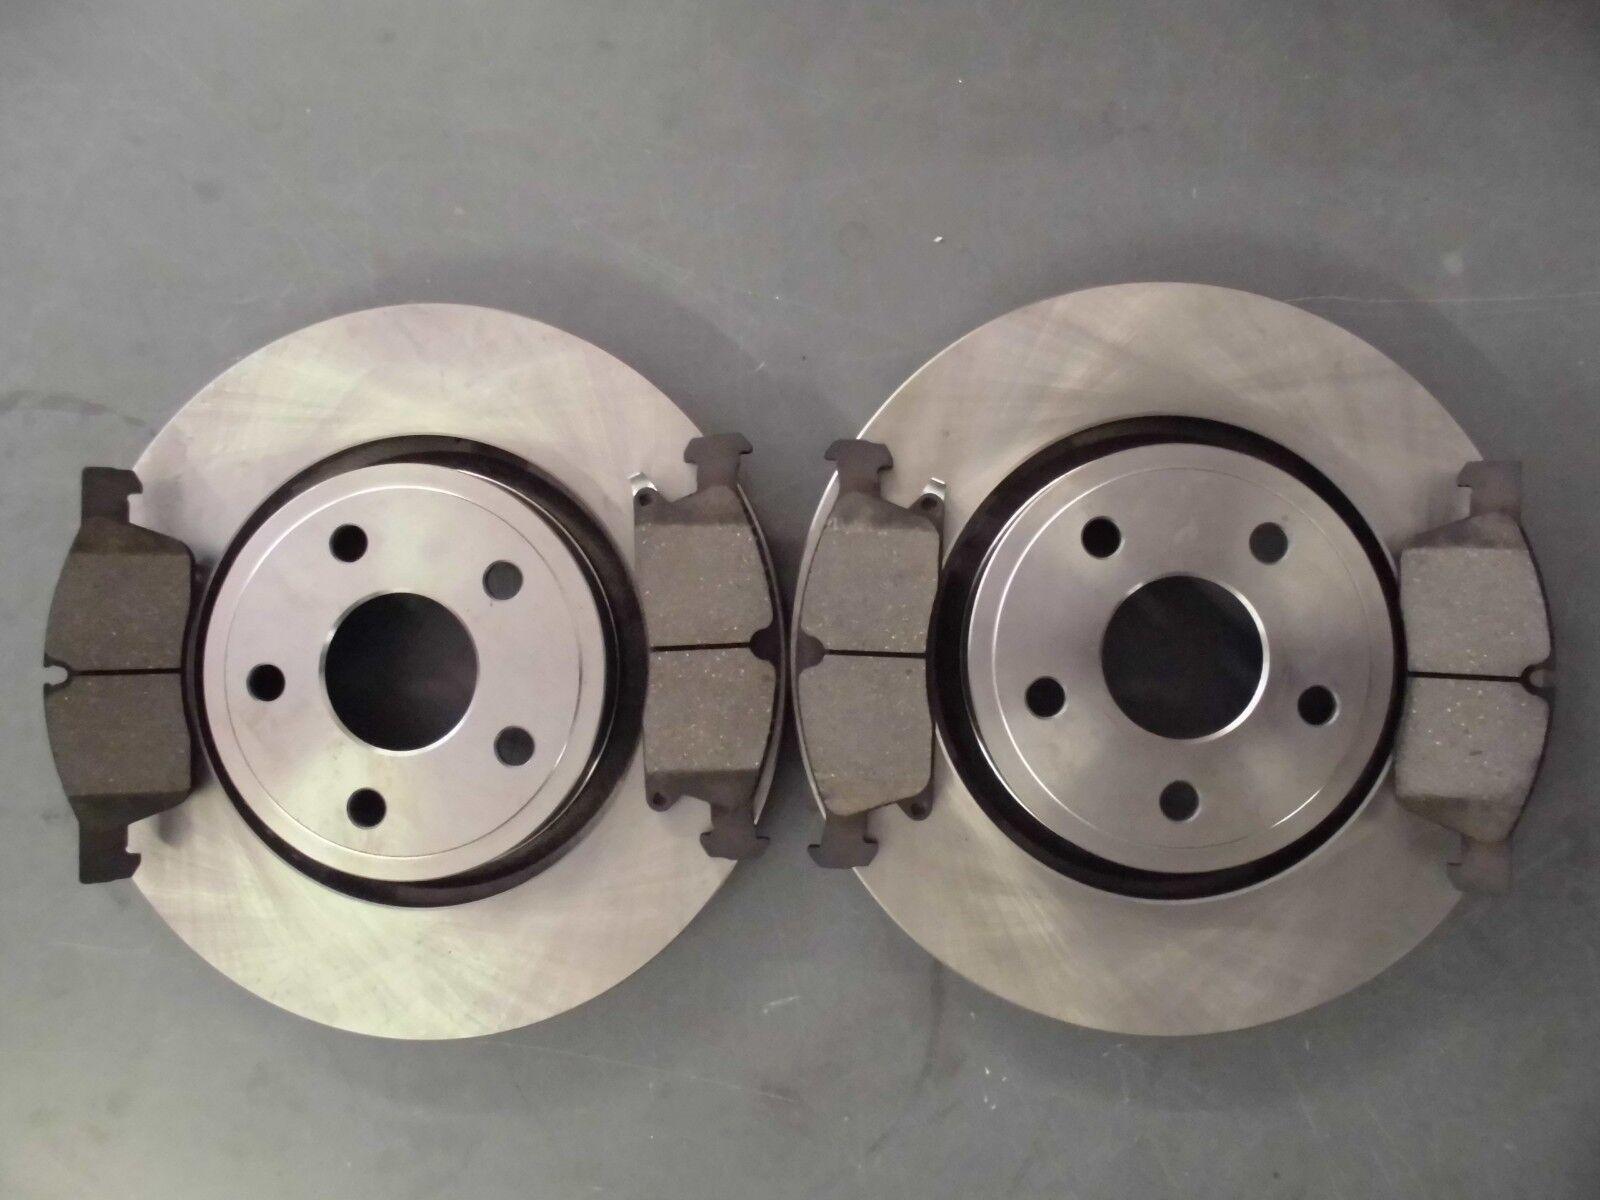 Keramik Bremsklötze vorne Jeep Grand Cherokee 2011-2015 350mm Bremsscheiben